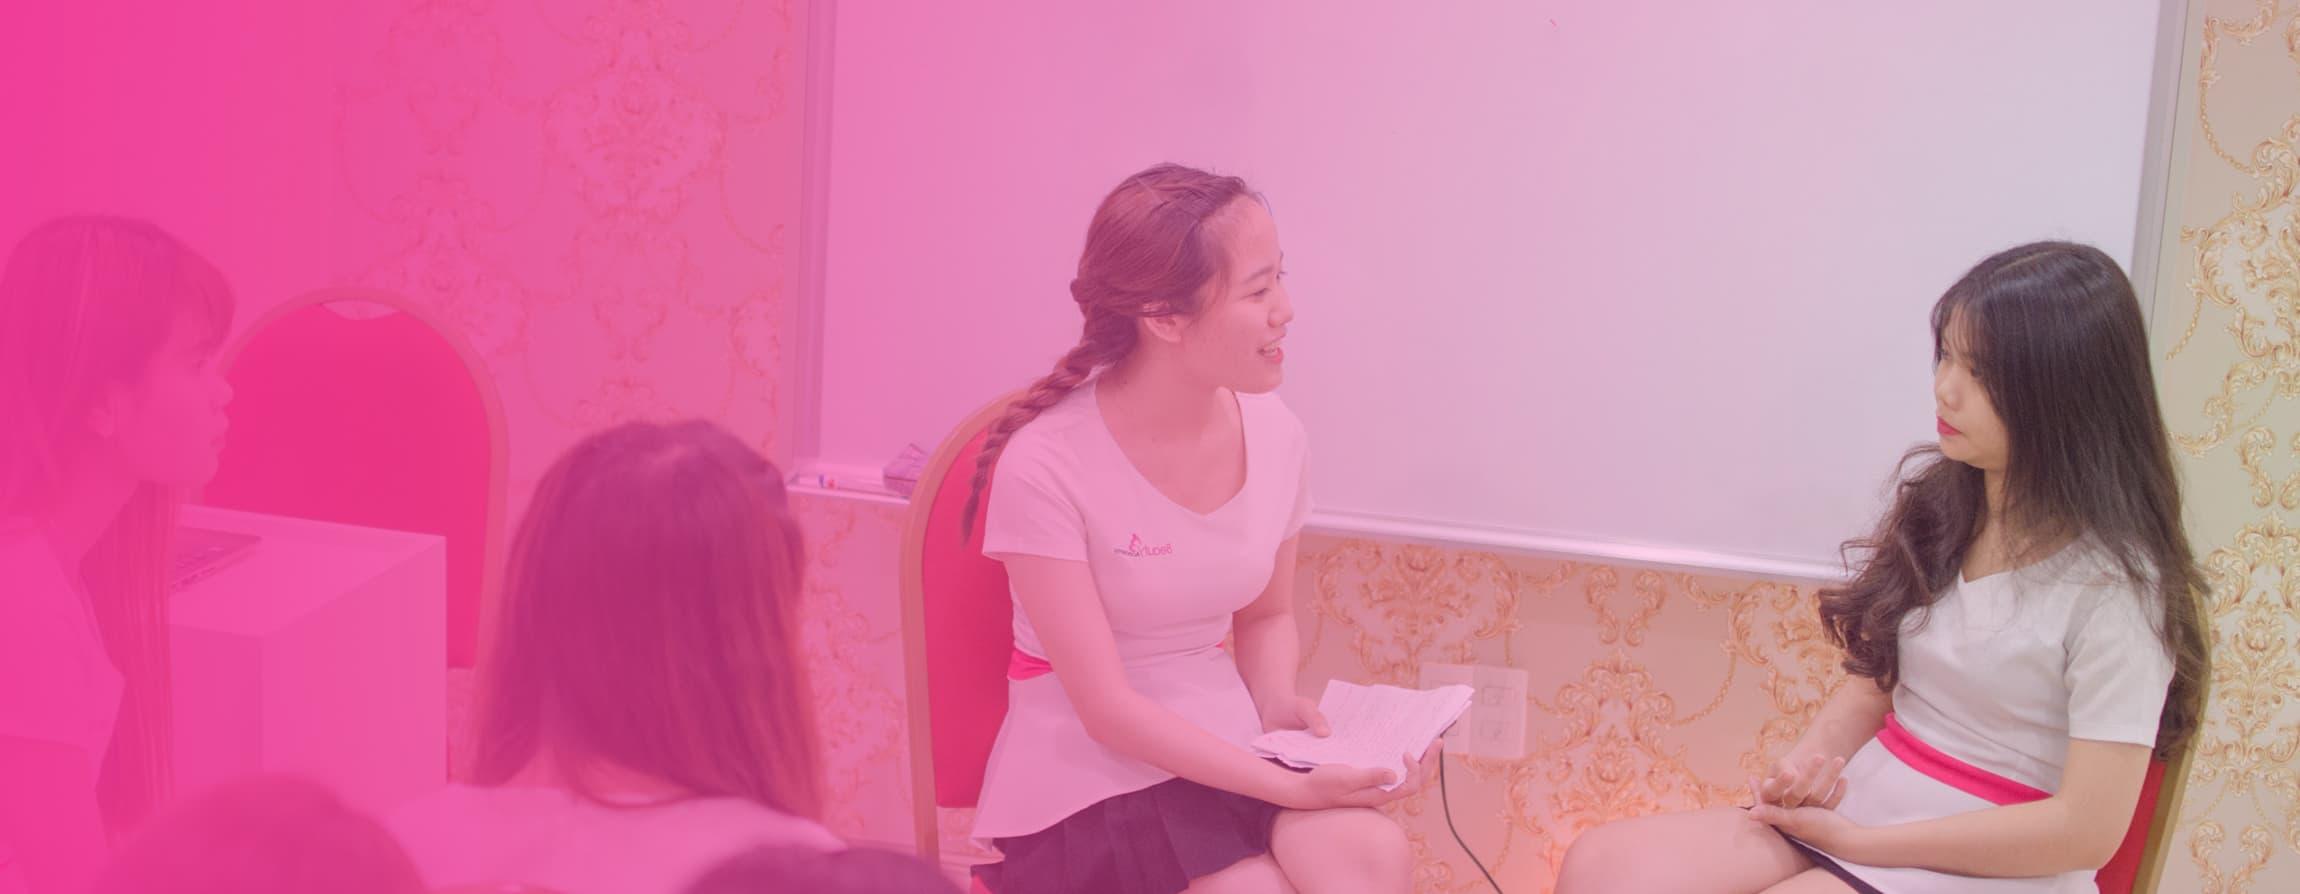 Trường-đào-tạo-thẩm-mỹ-Ana-beauty-academy